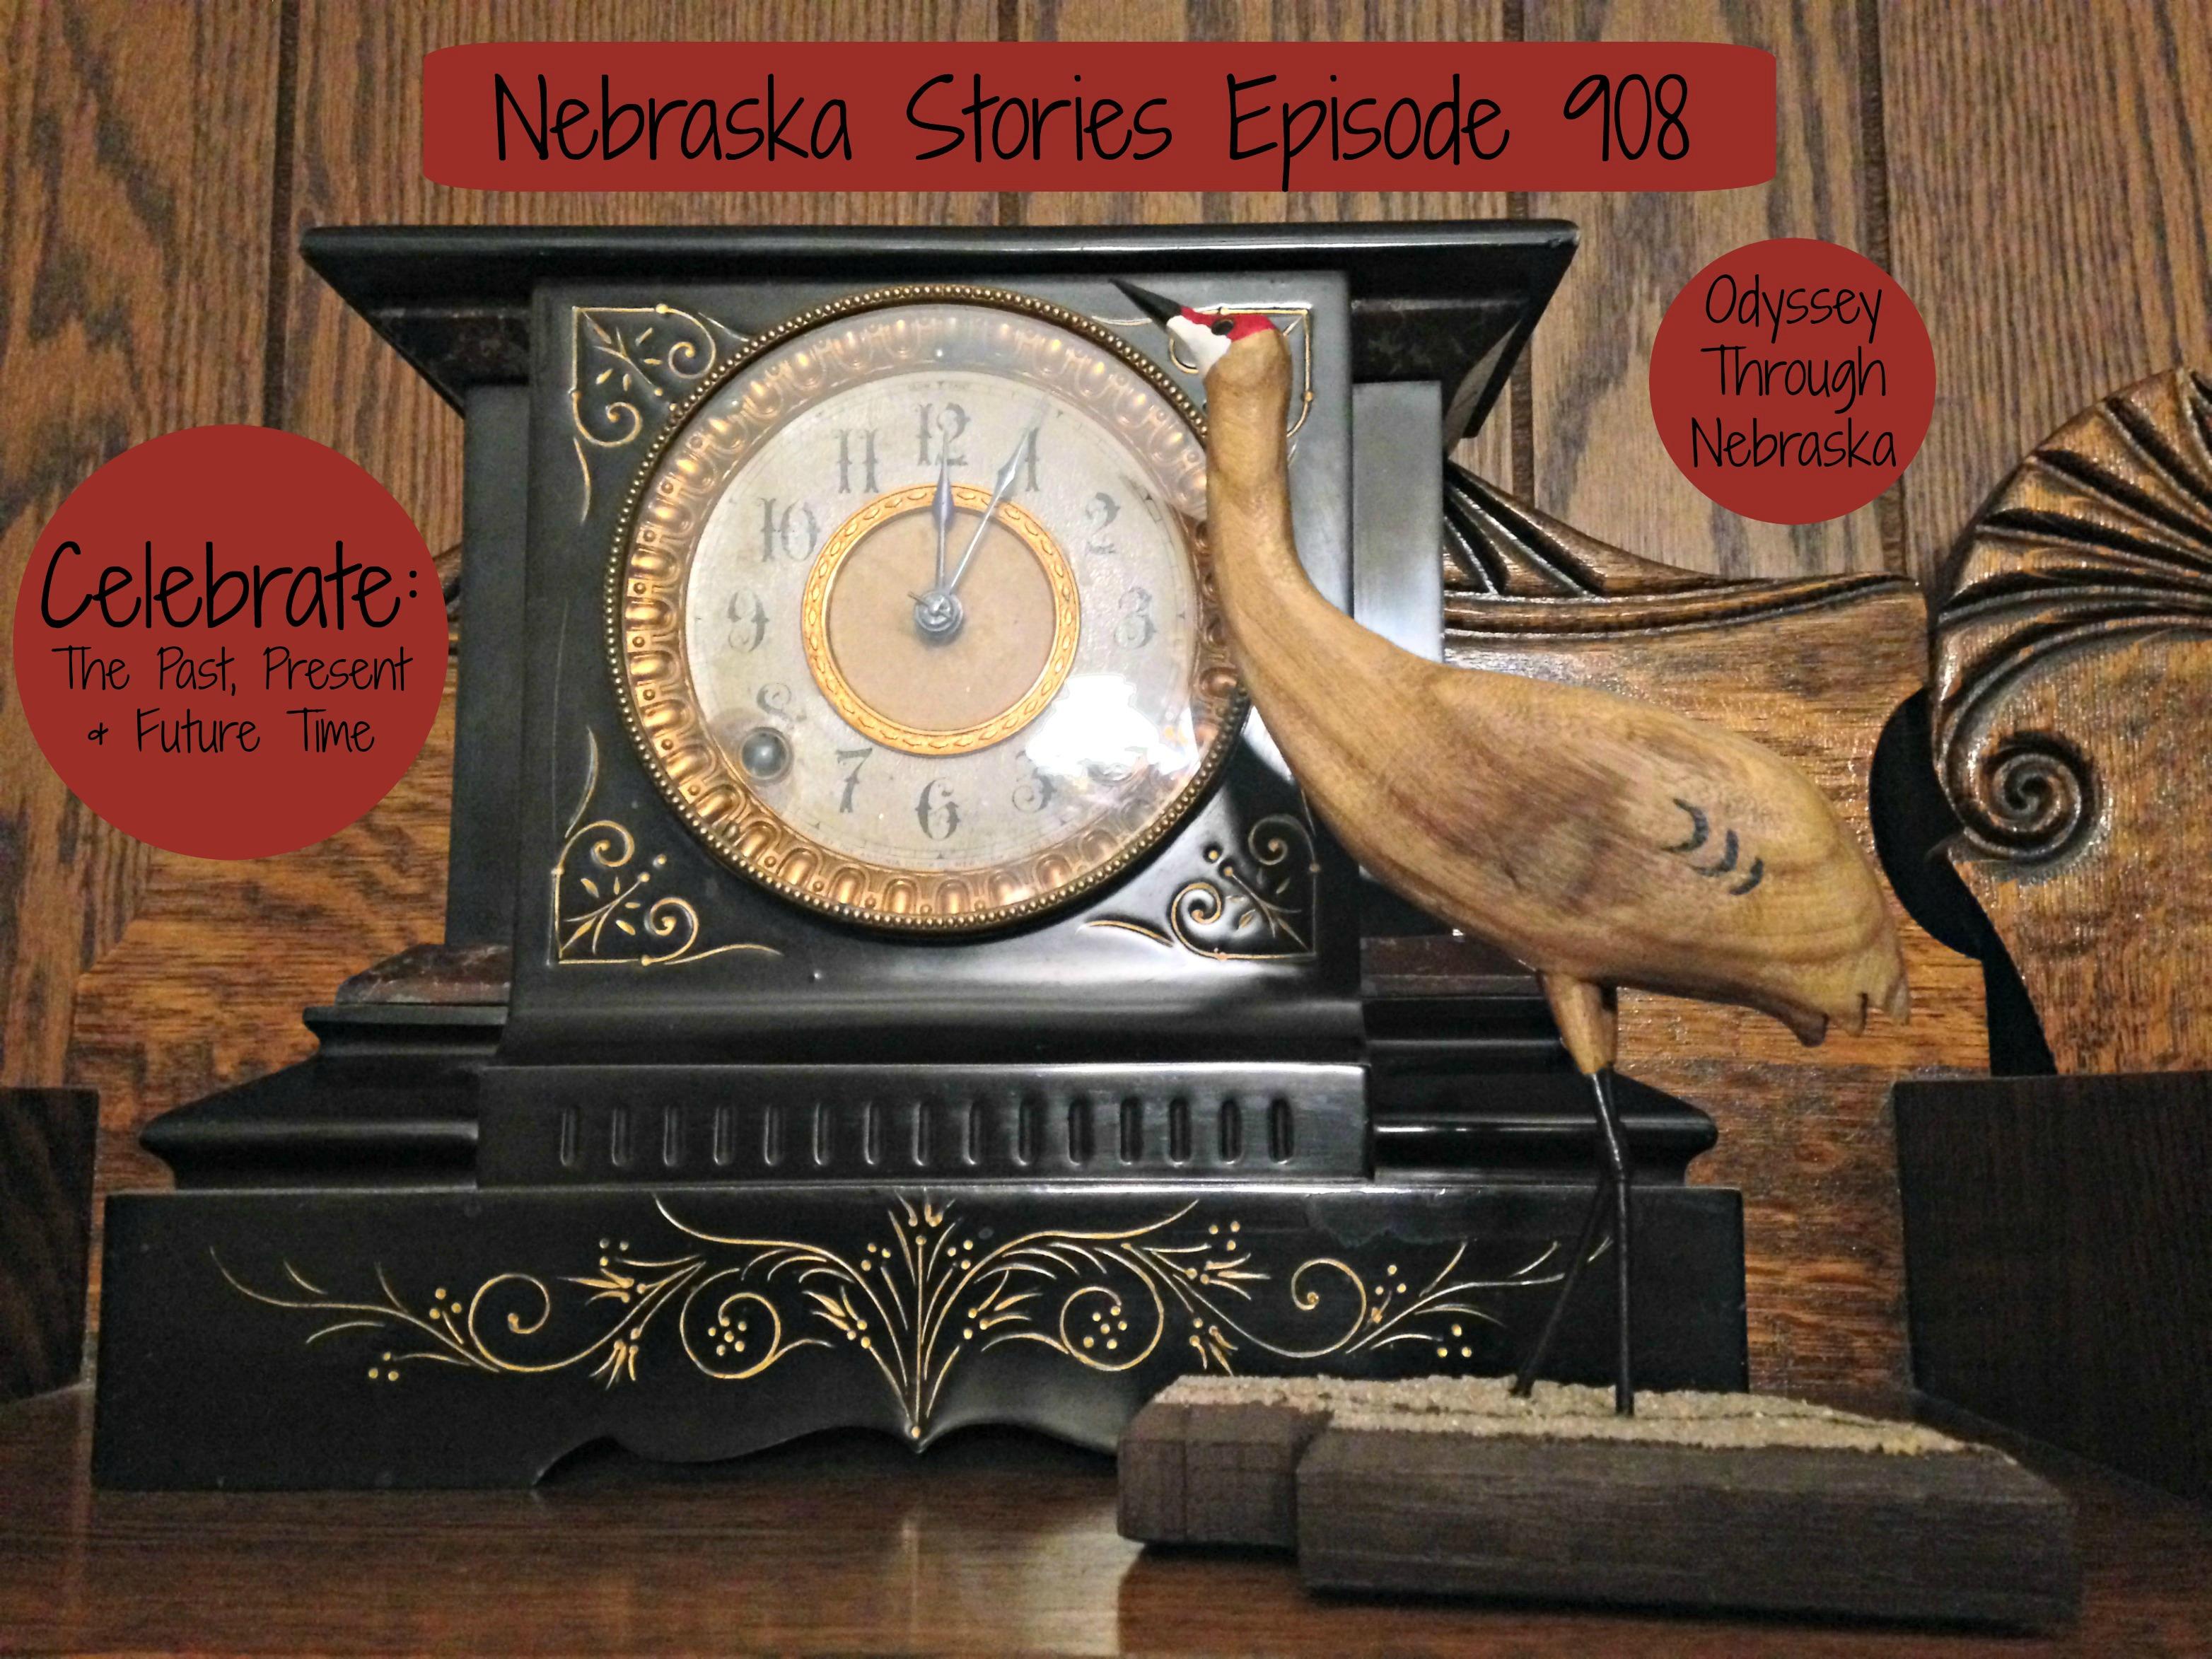 Celebrate Nebraska Stories Episode 908